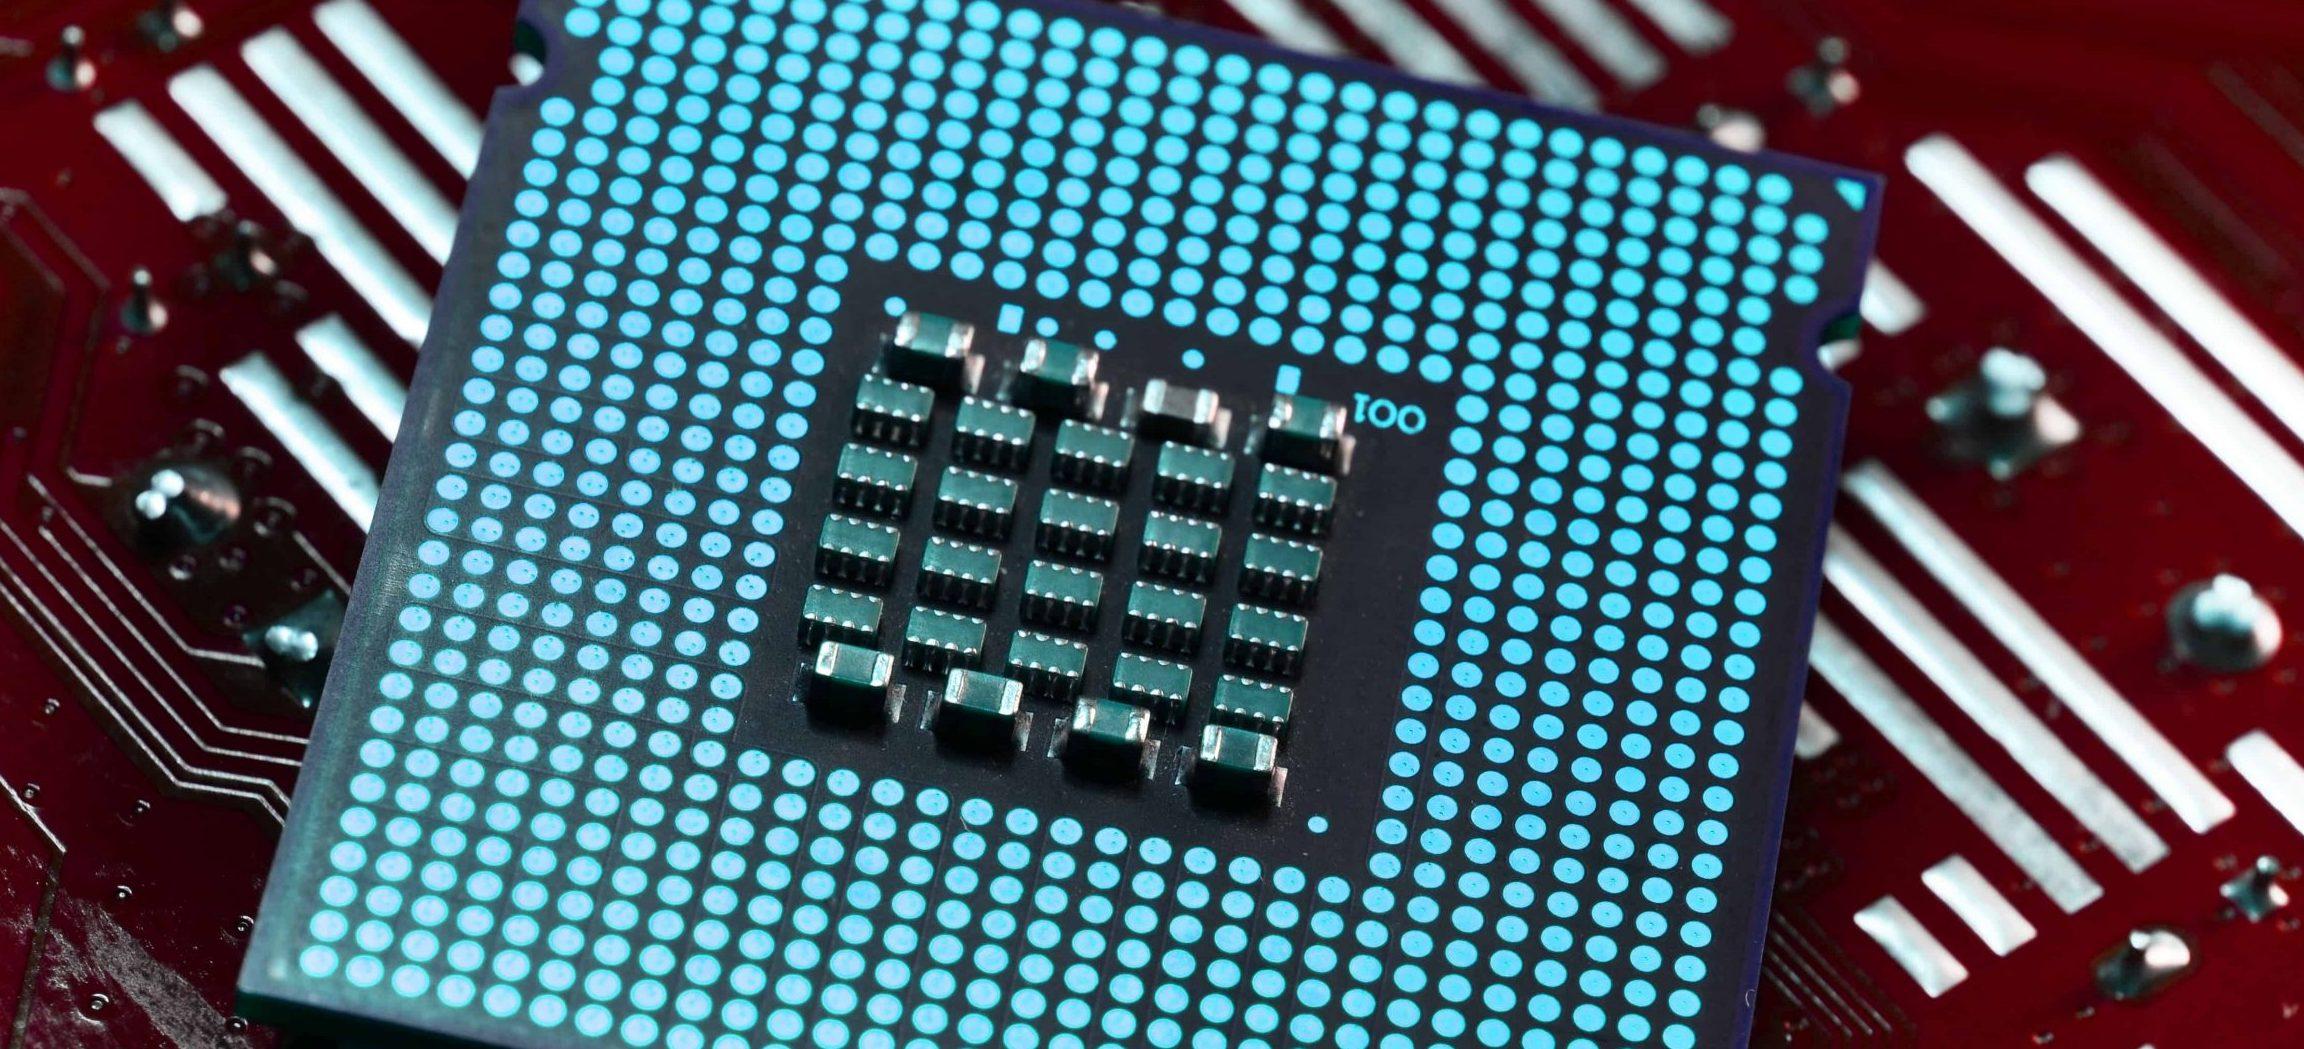 Processador Intel: Quais são os melhores de 2020?